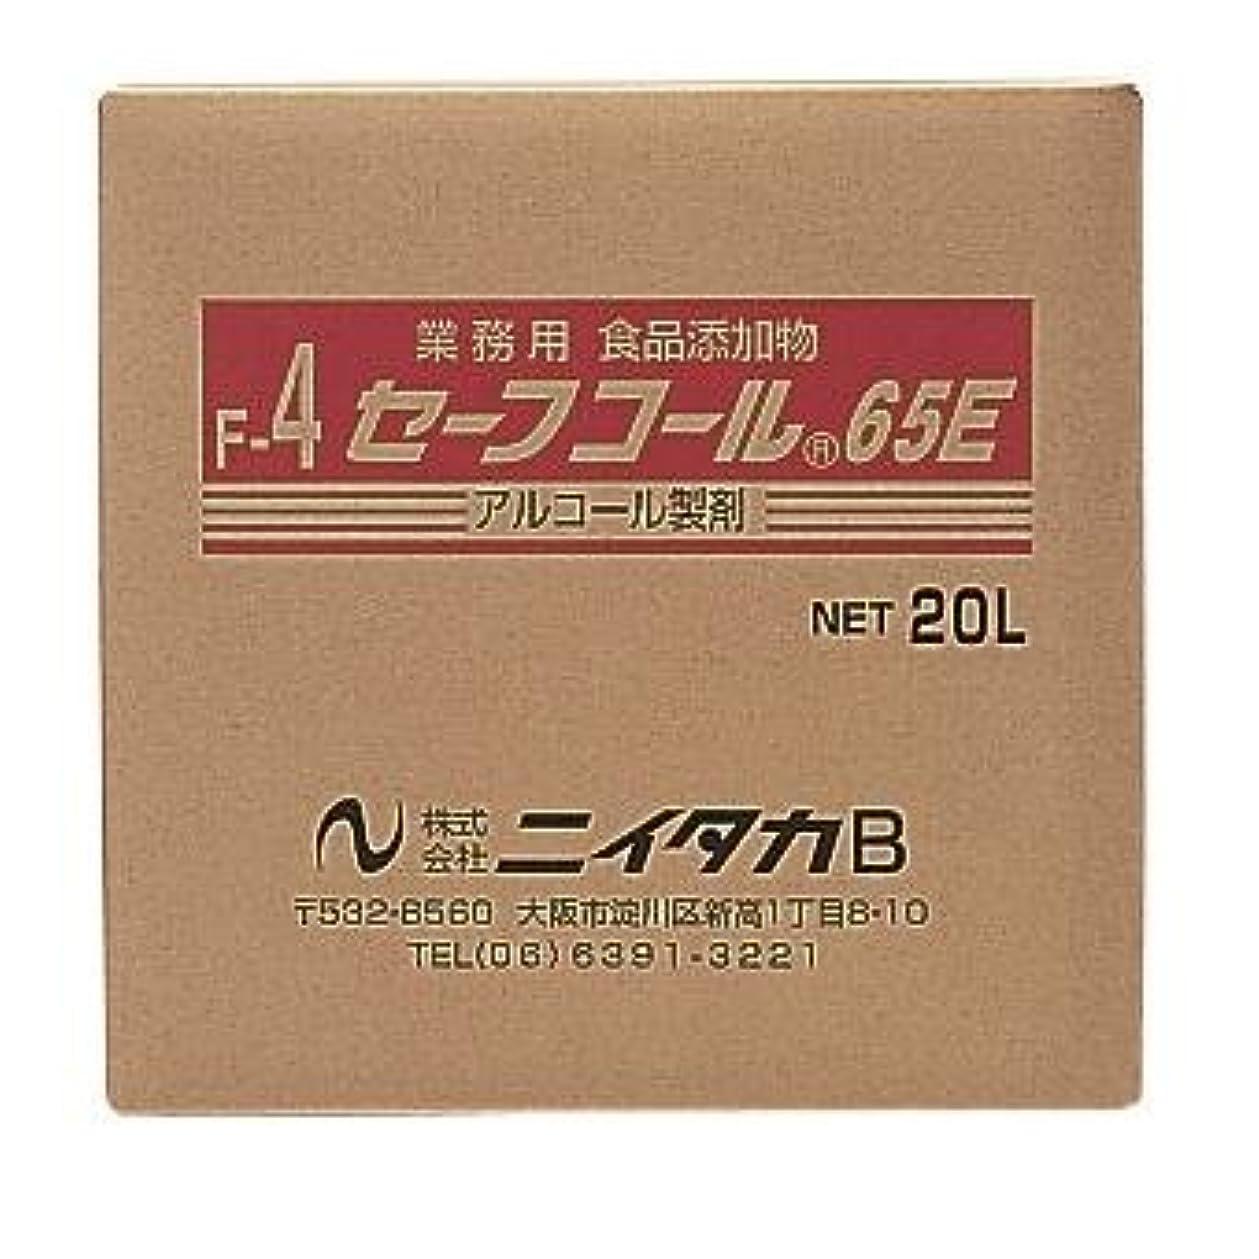 ショッキングマークされた保護ニイタカ:セーフコール65E(F-4) 20L(BIB) 270302